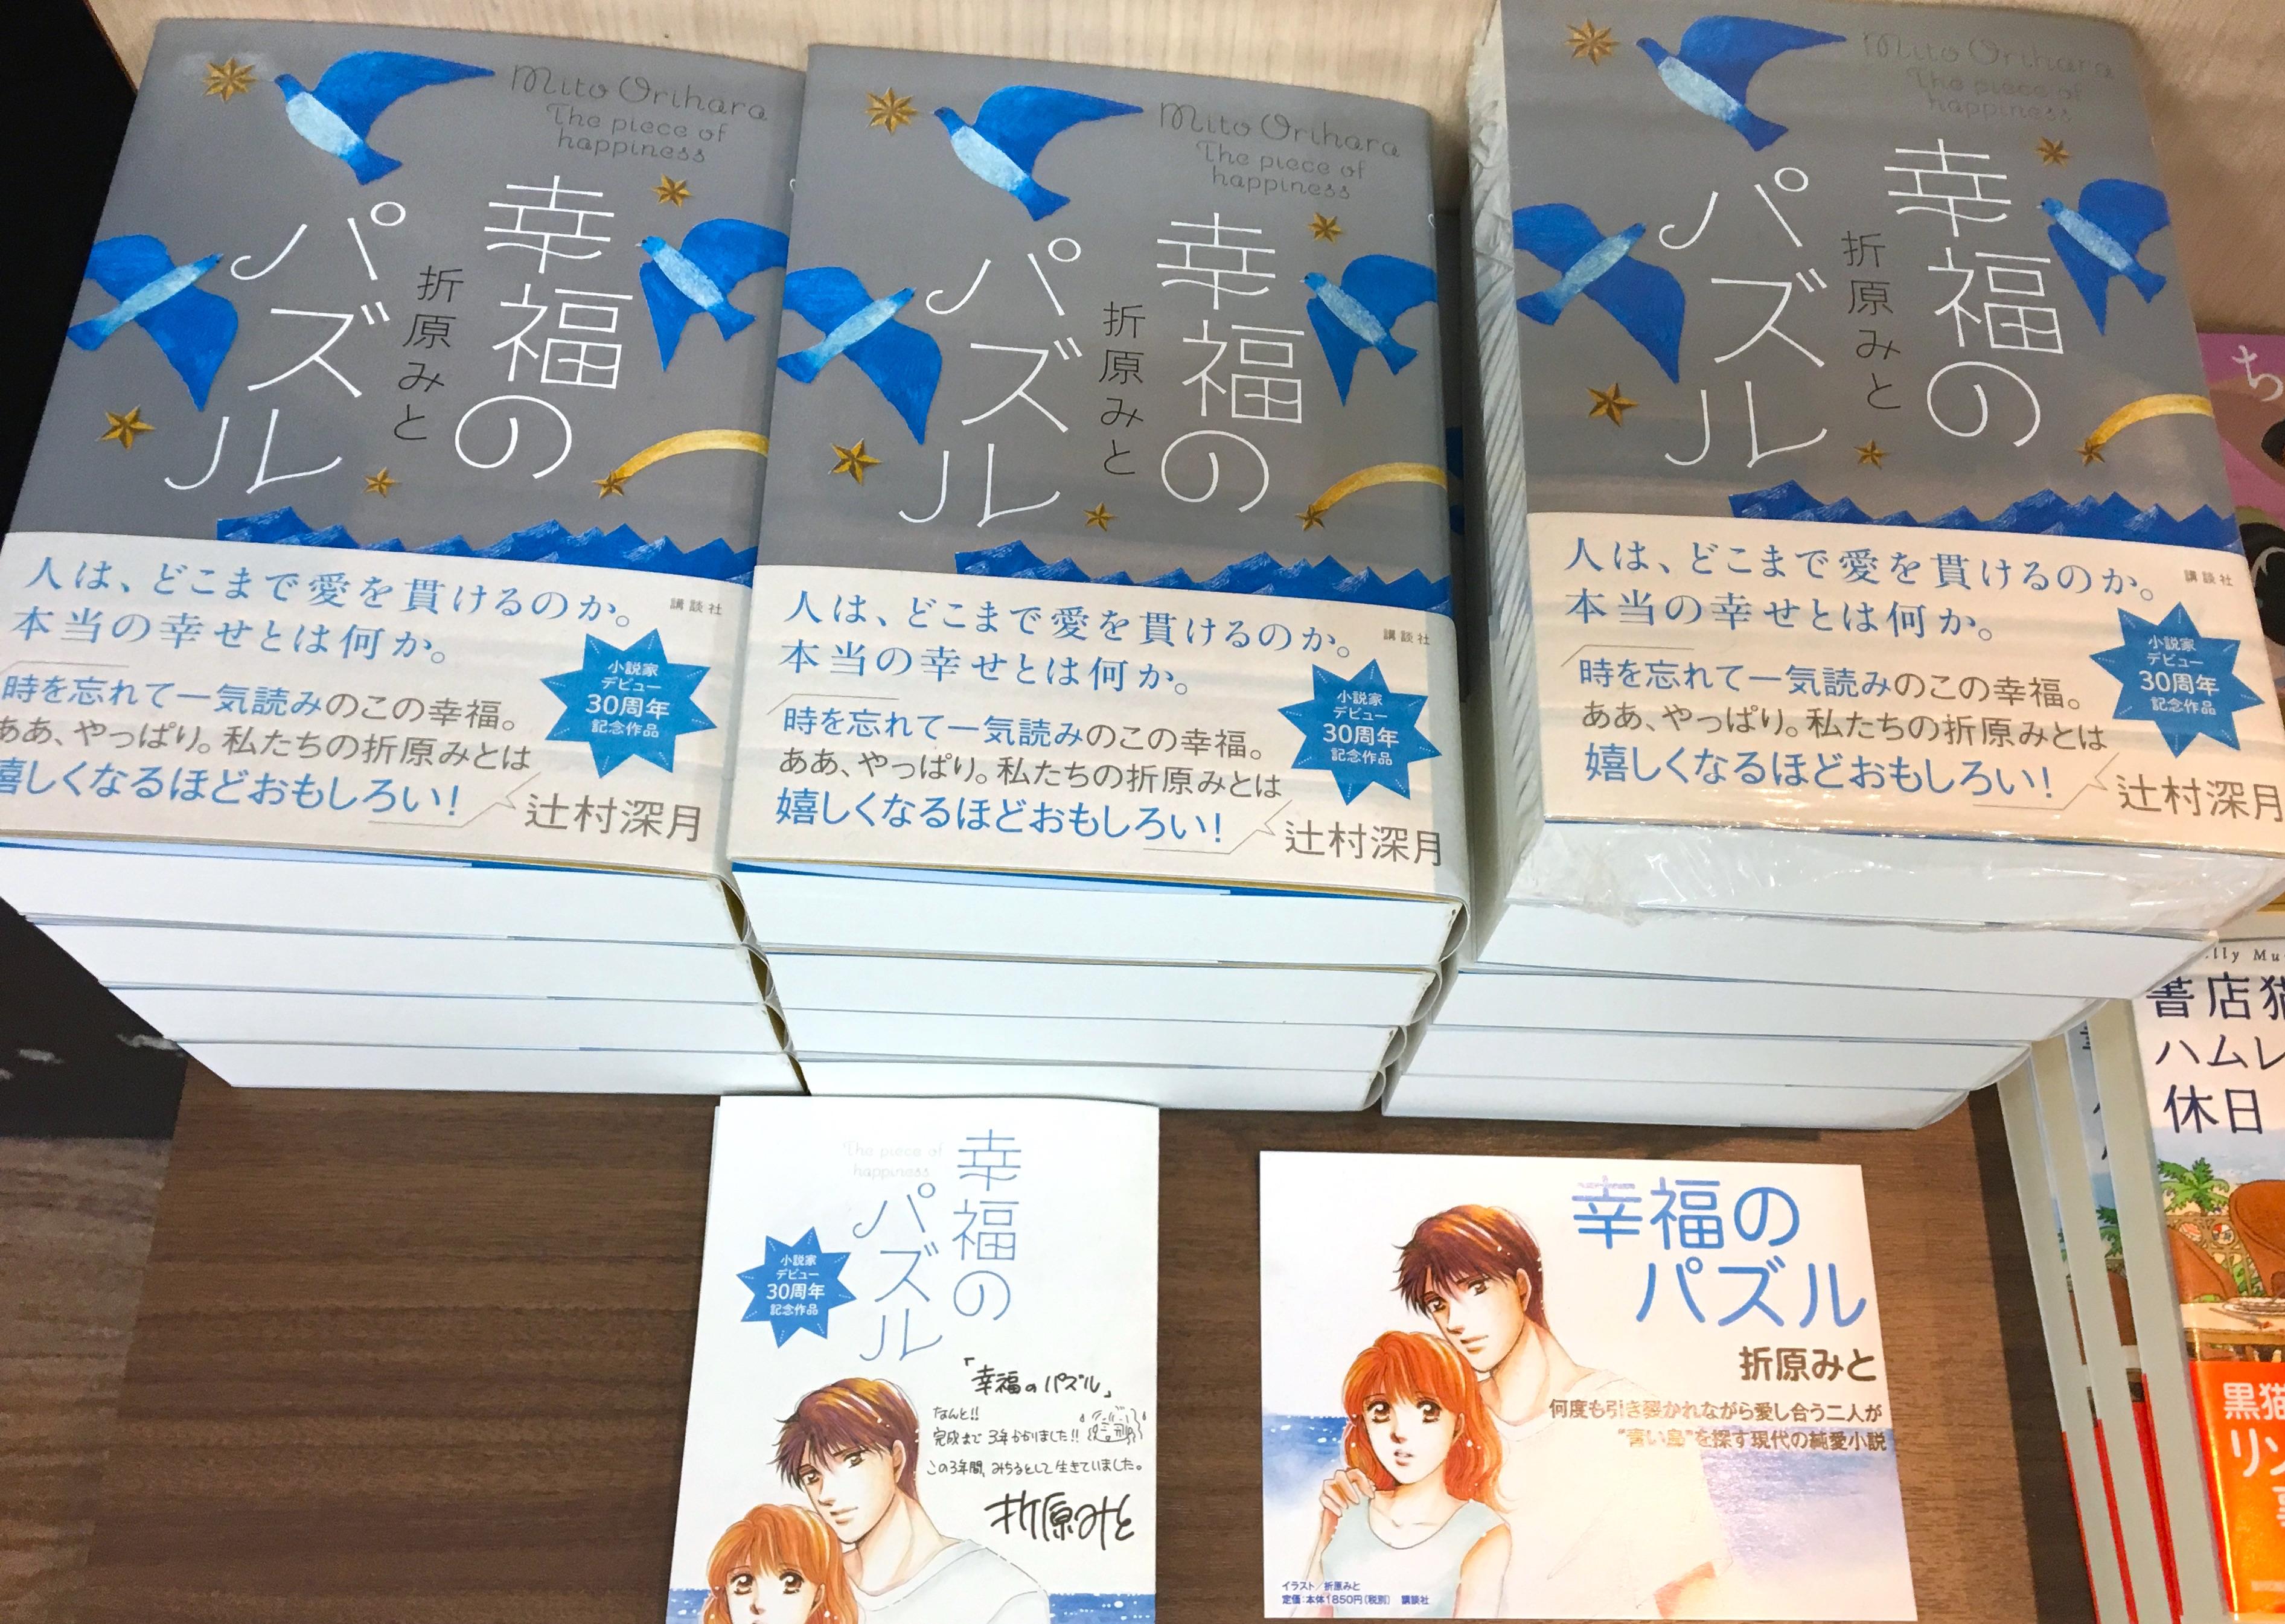 587ページの純愛小説を一気読みした連休の夜。逗子在住の作家・折原みとさん最新刊『幸福のパズル』